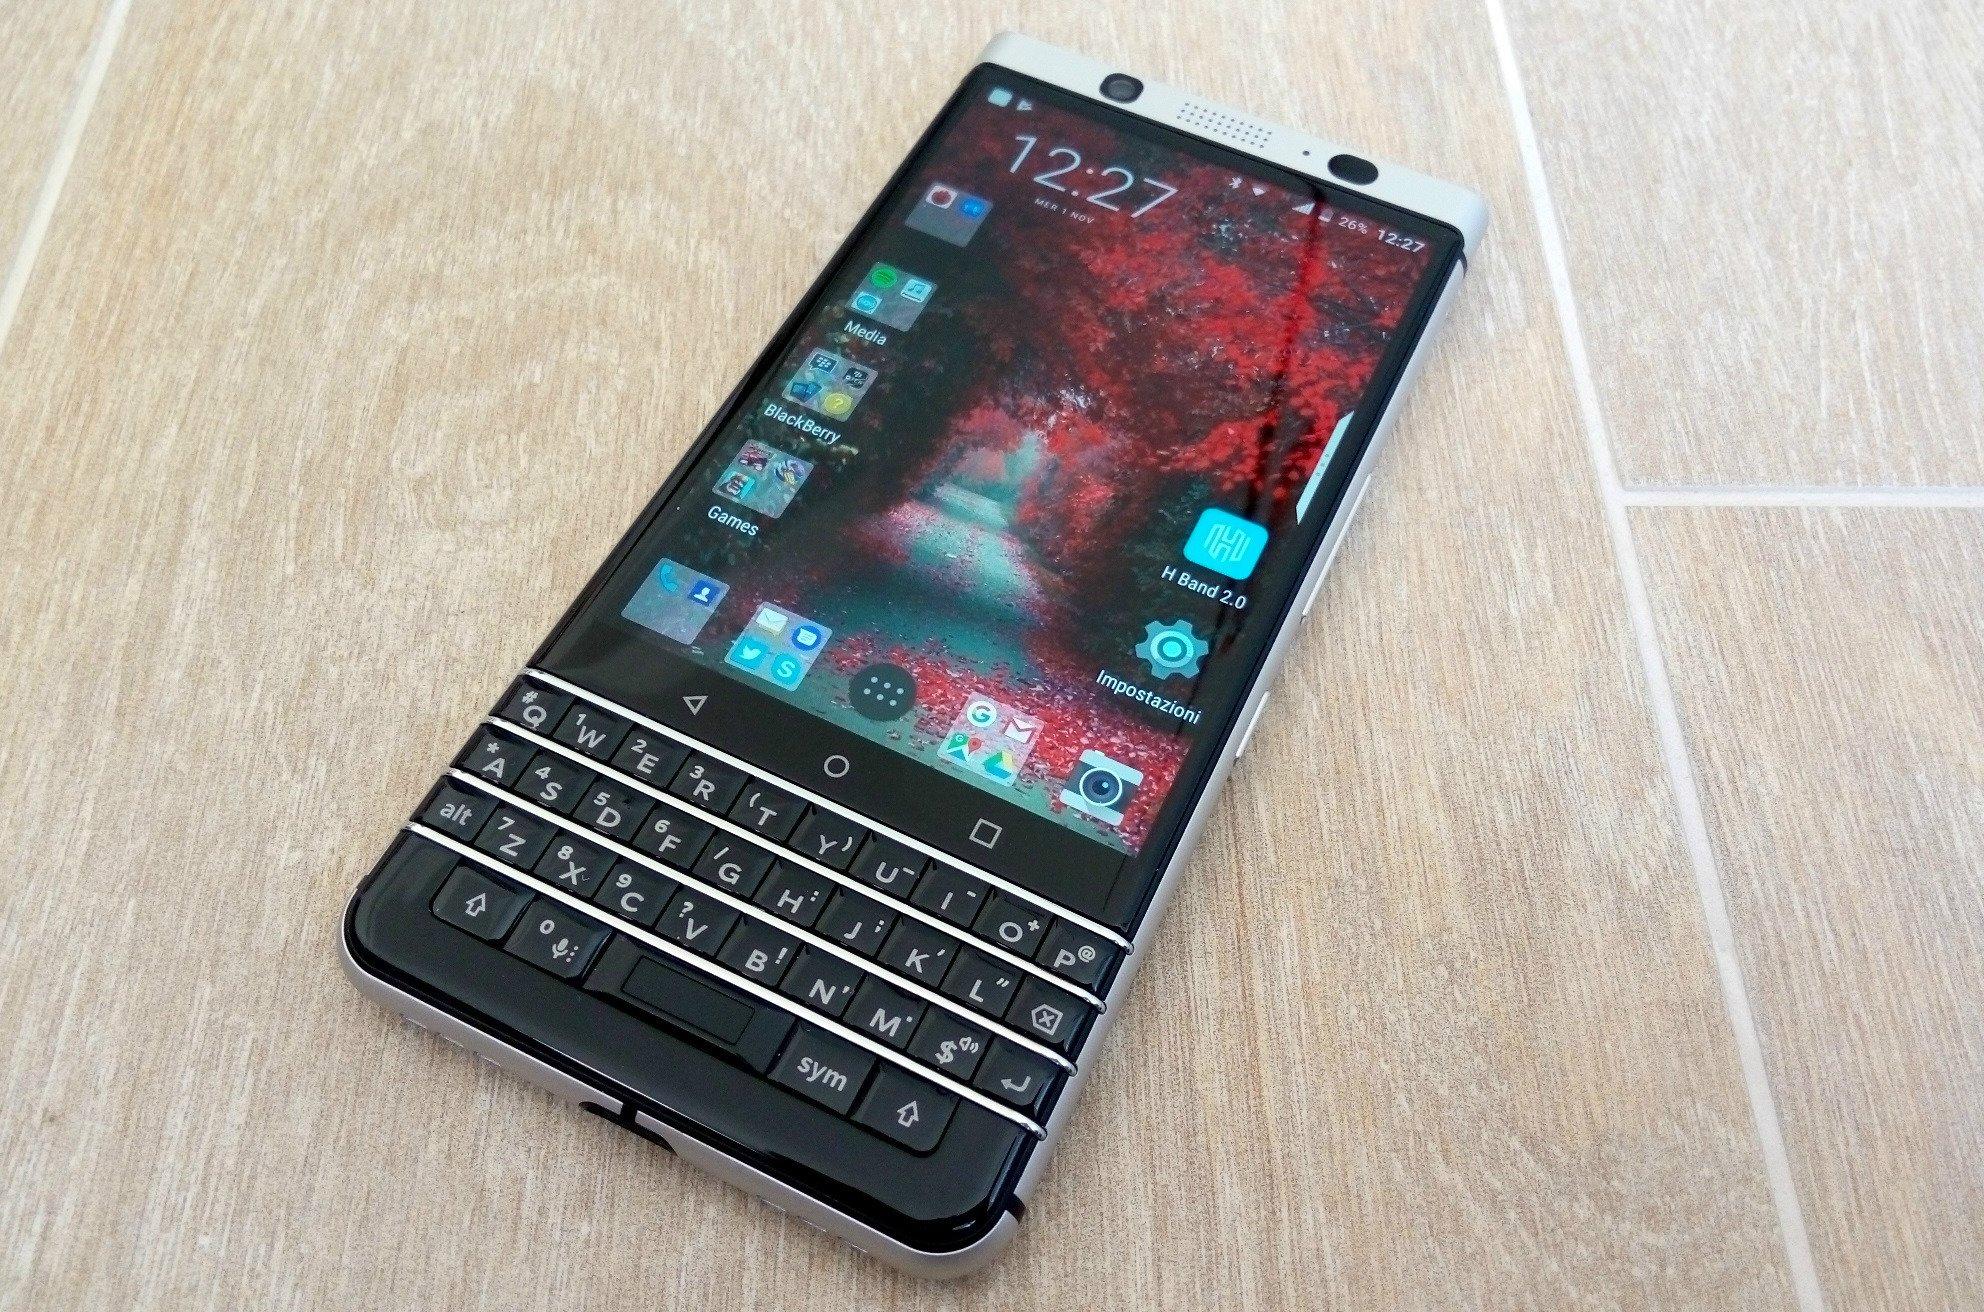 Blackberry keyone recensione lo smartphone android con - Smartphone con tasti ...